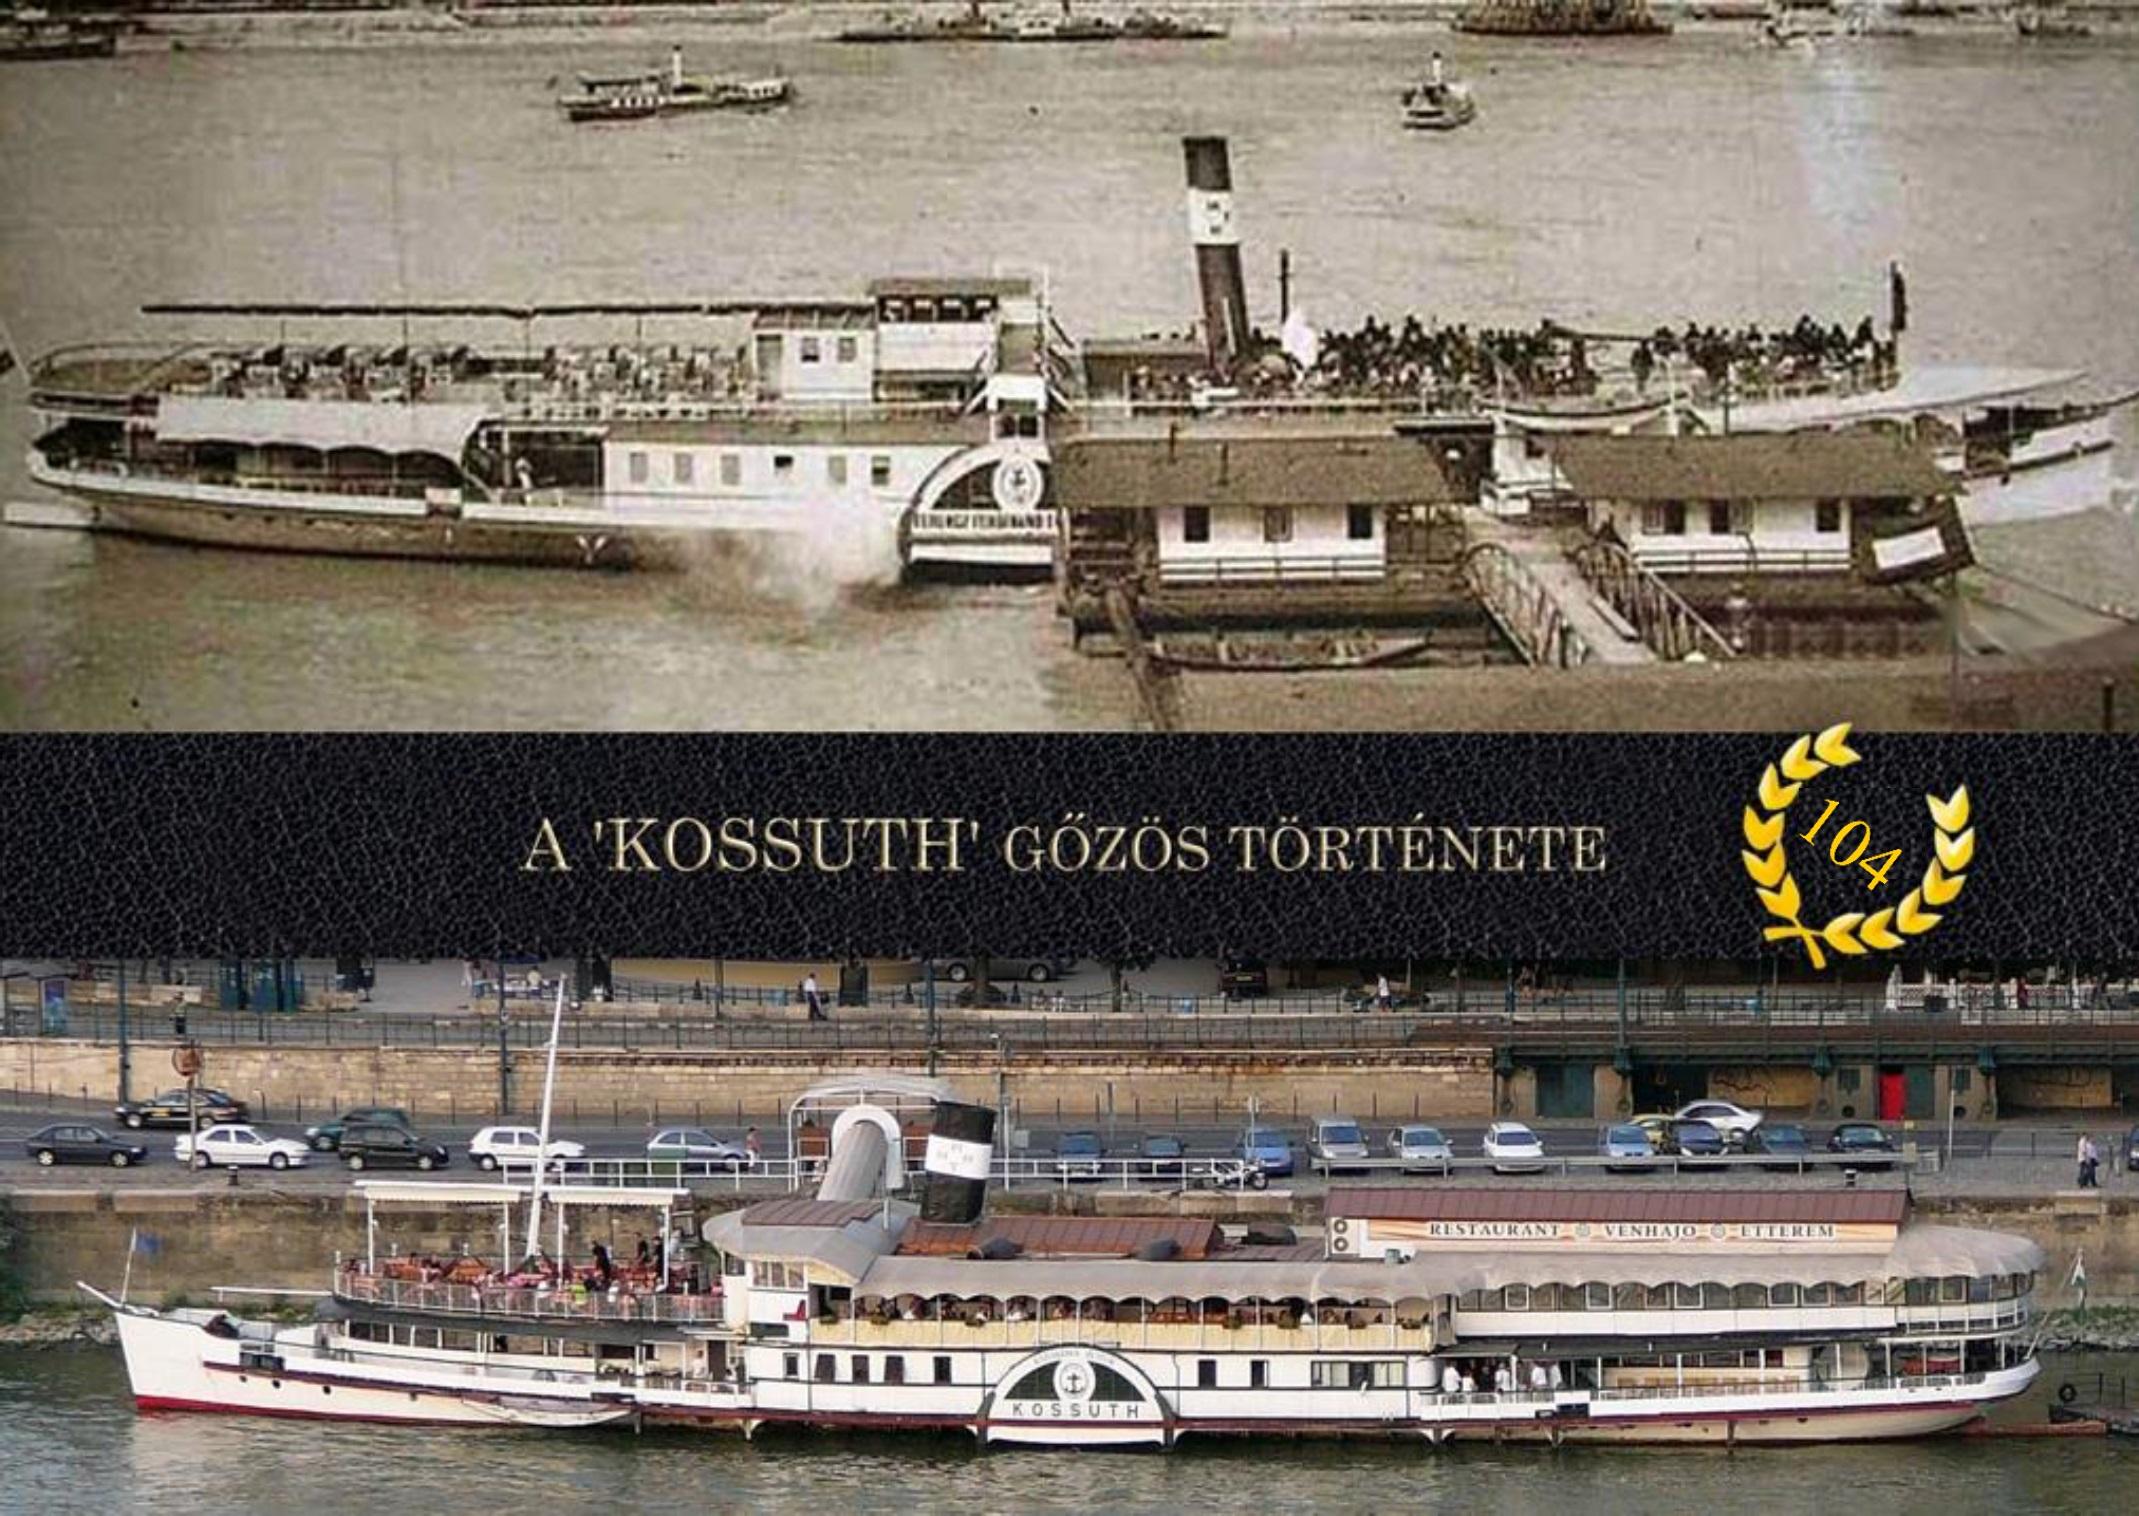 kossuth_104.jpg